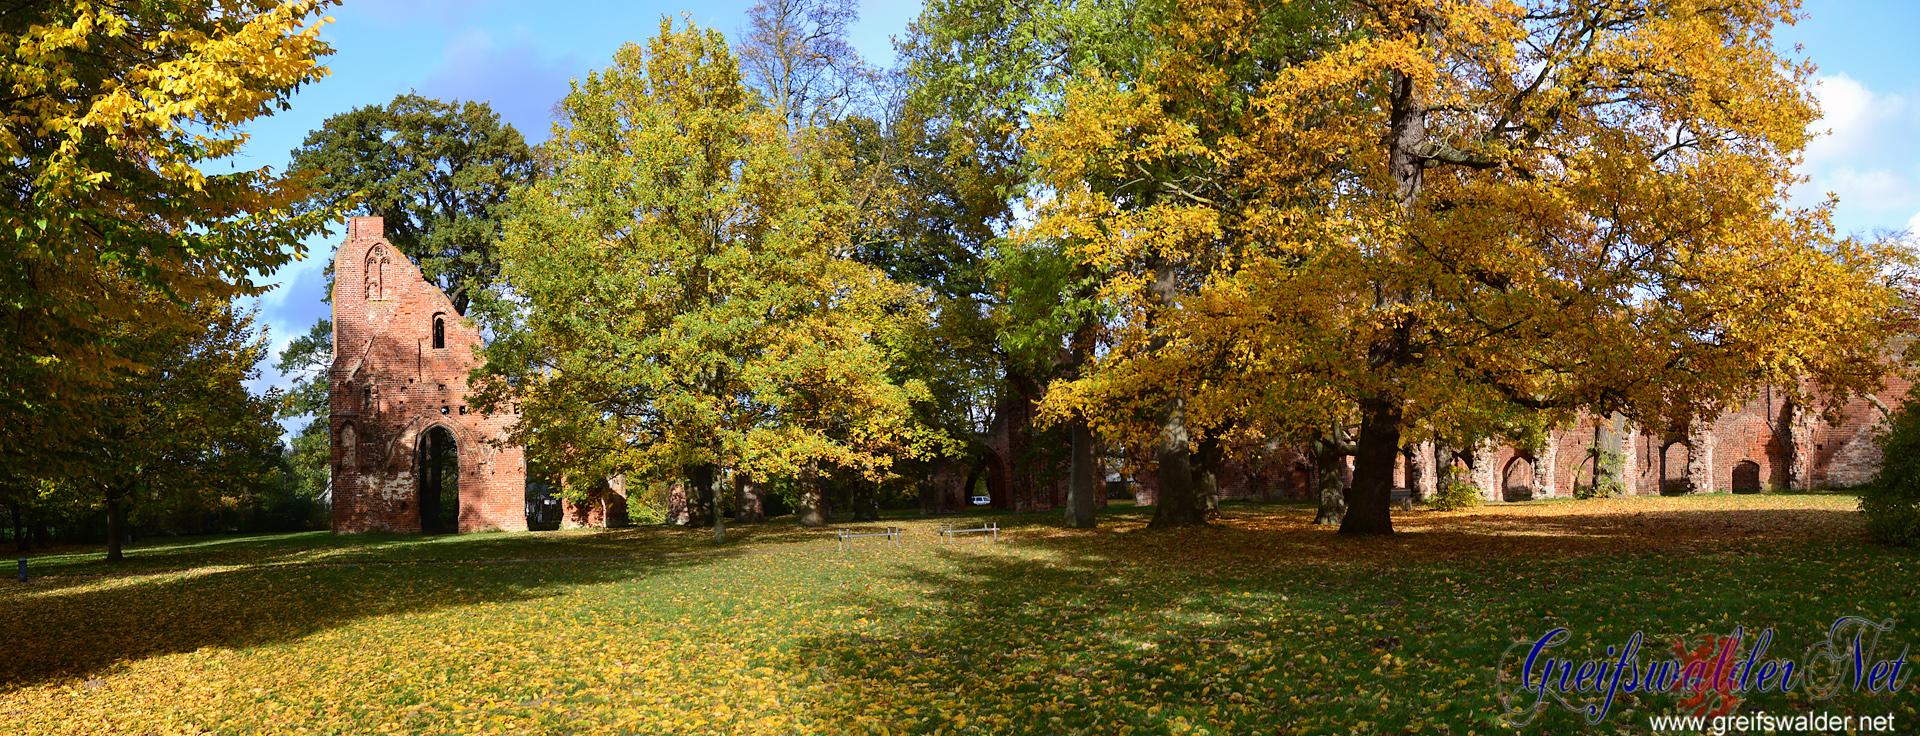 Sonniger Herbst-Samstag in der Klosterruine in Greifswald-Eldena